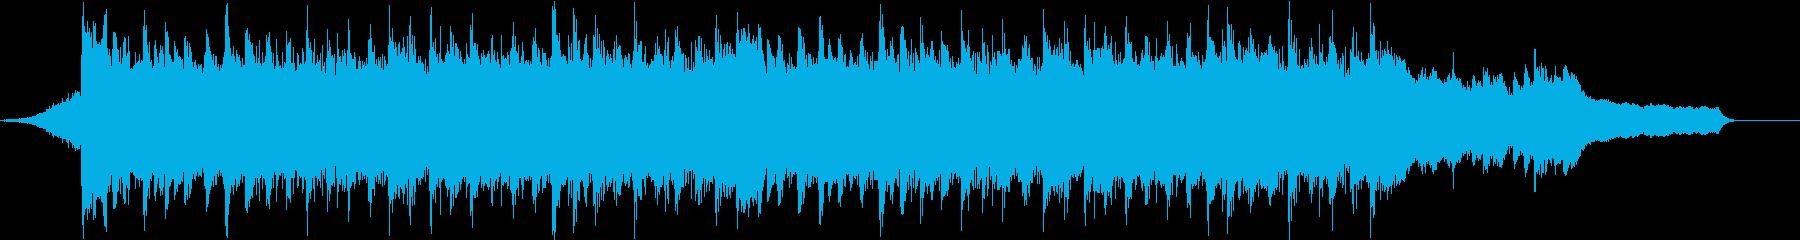 企業VP系64、爽やかピアノ、4つ打ちcの再生済みの波形